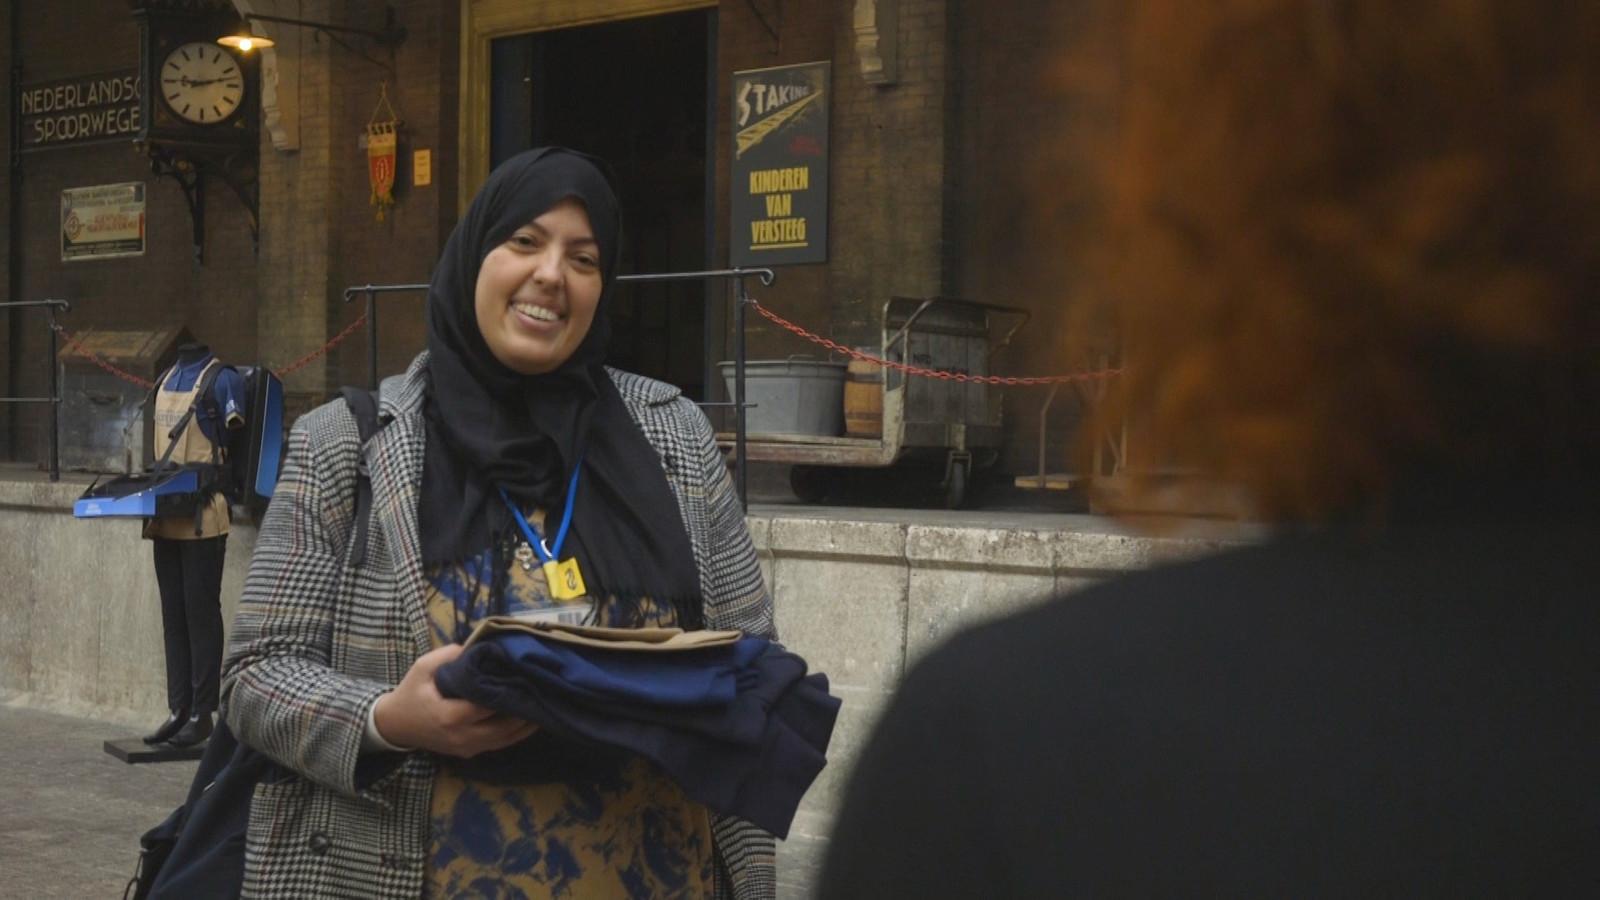 Laila, 'de lach van de NS', overhandigt haar uniform aan een medewerker van het Spoorwegmuseum.